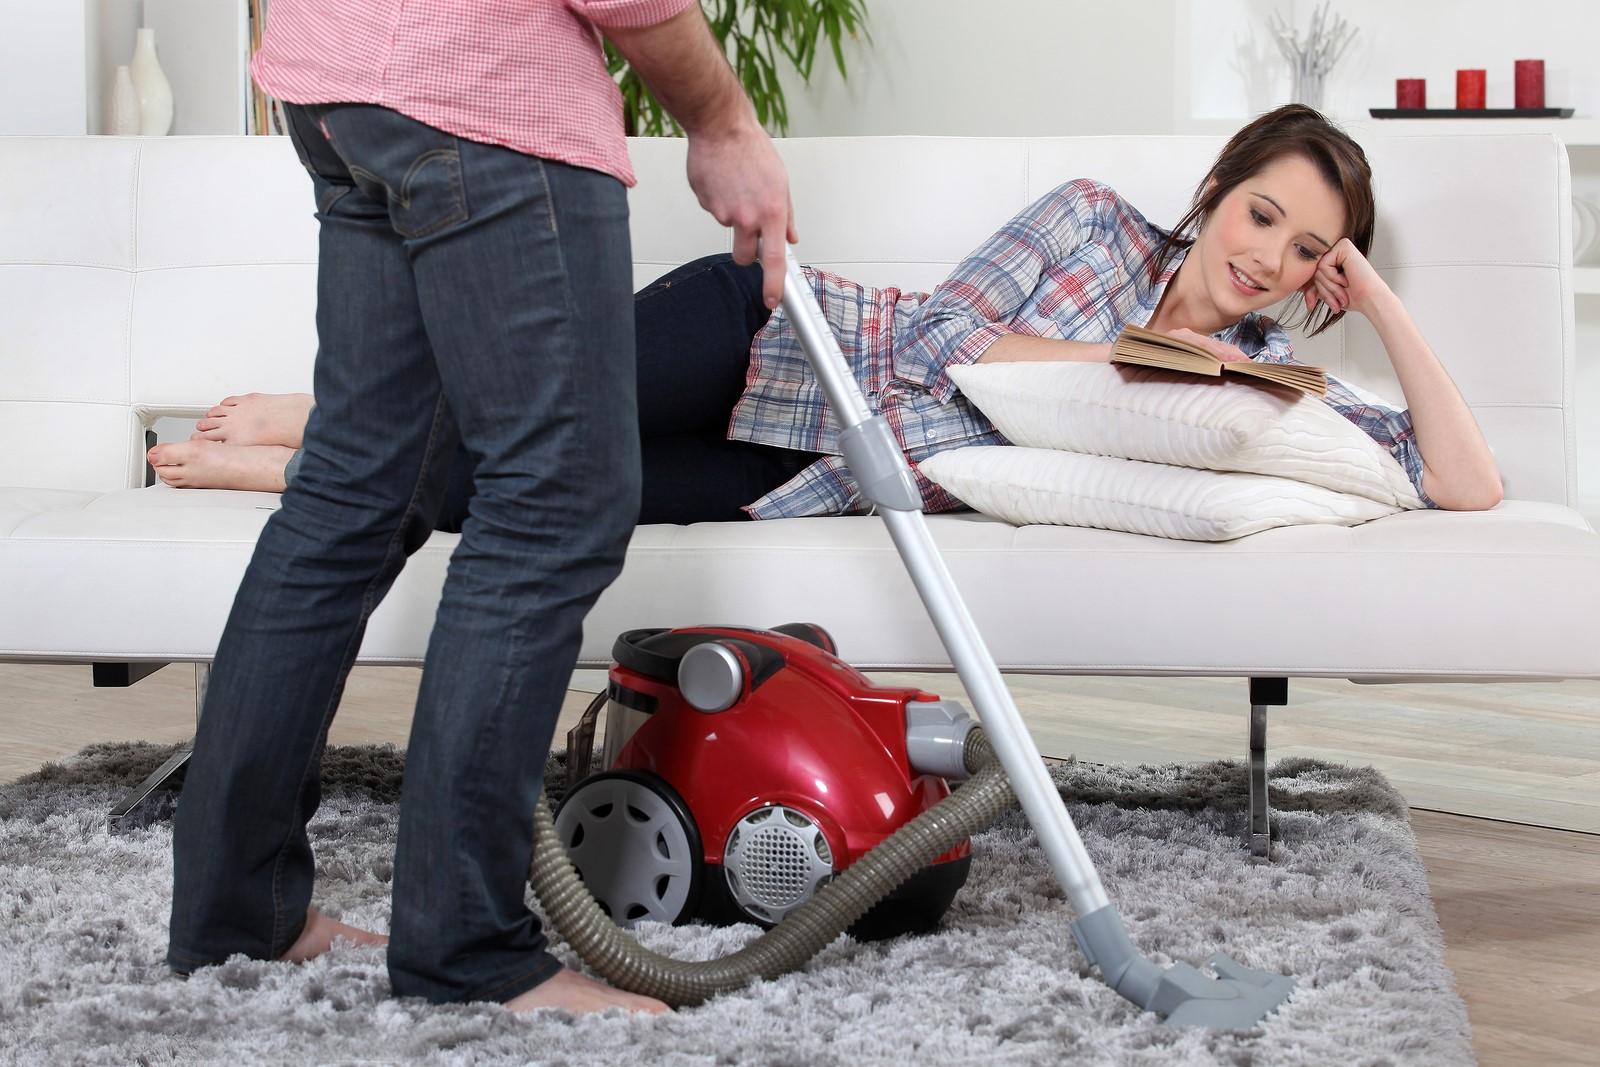 Картинки по запросу 9 советов чтобы сделать уборку легче